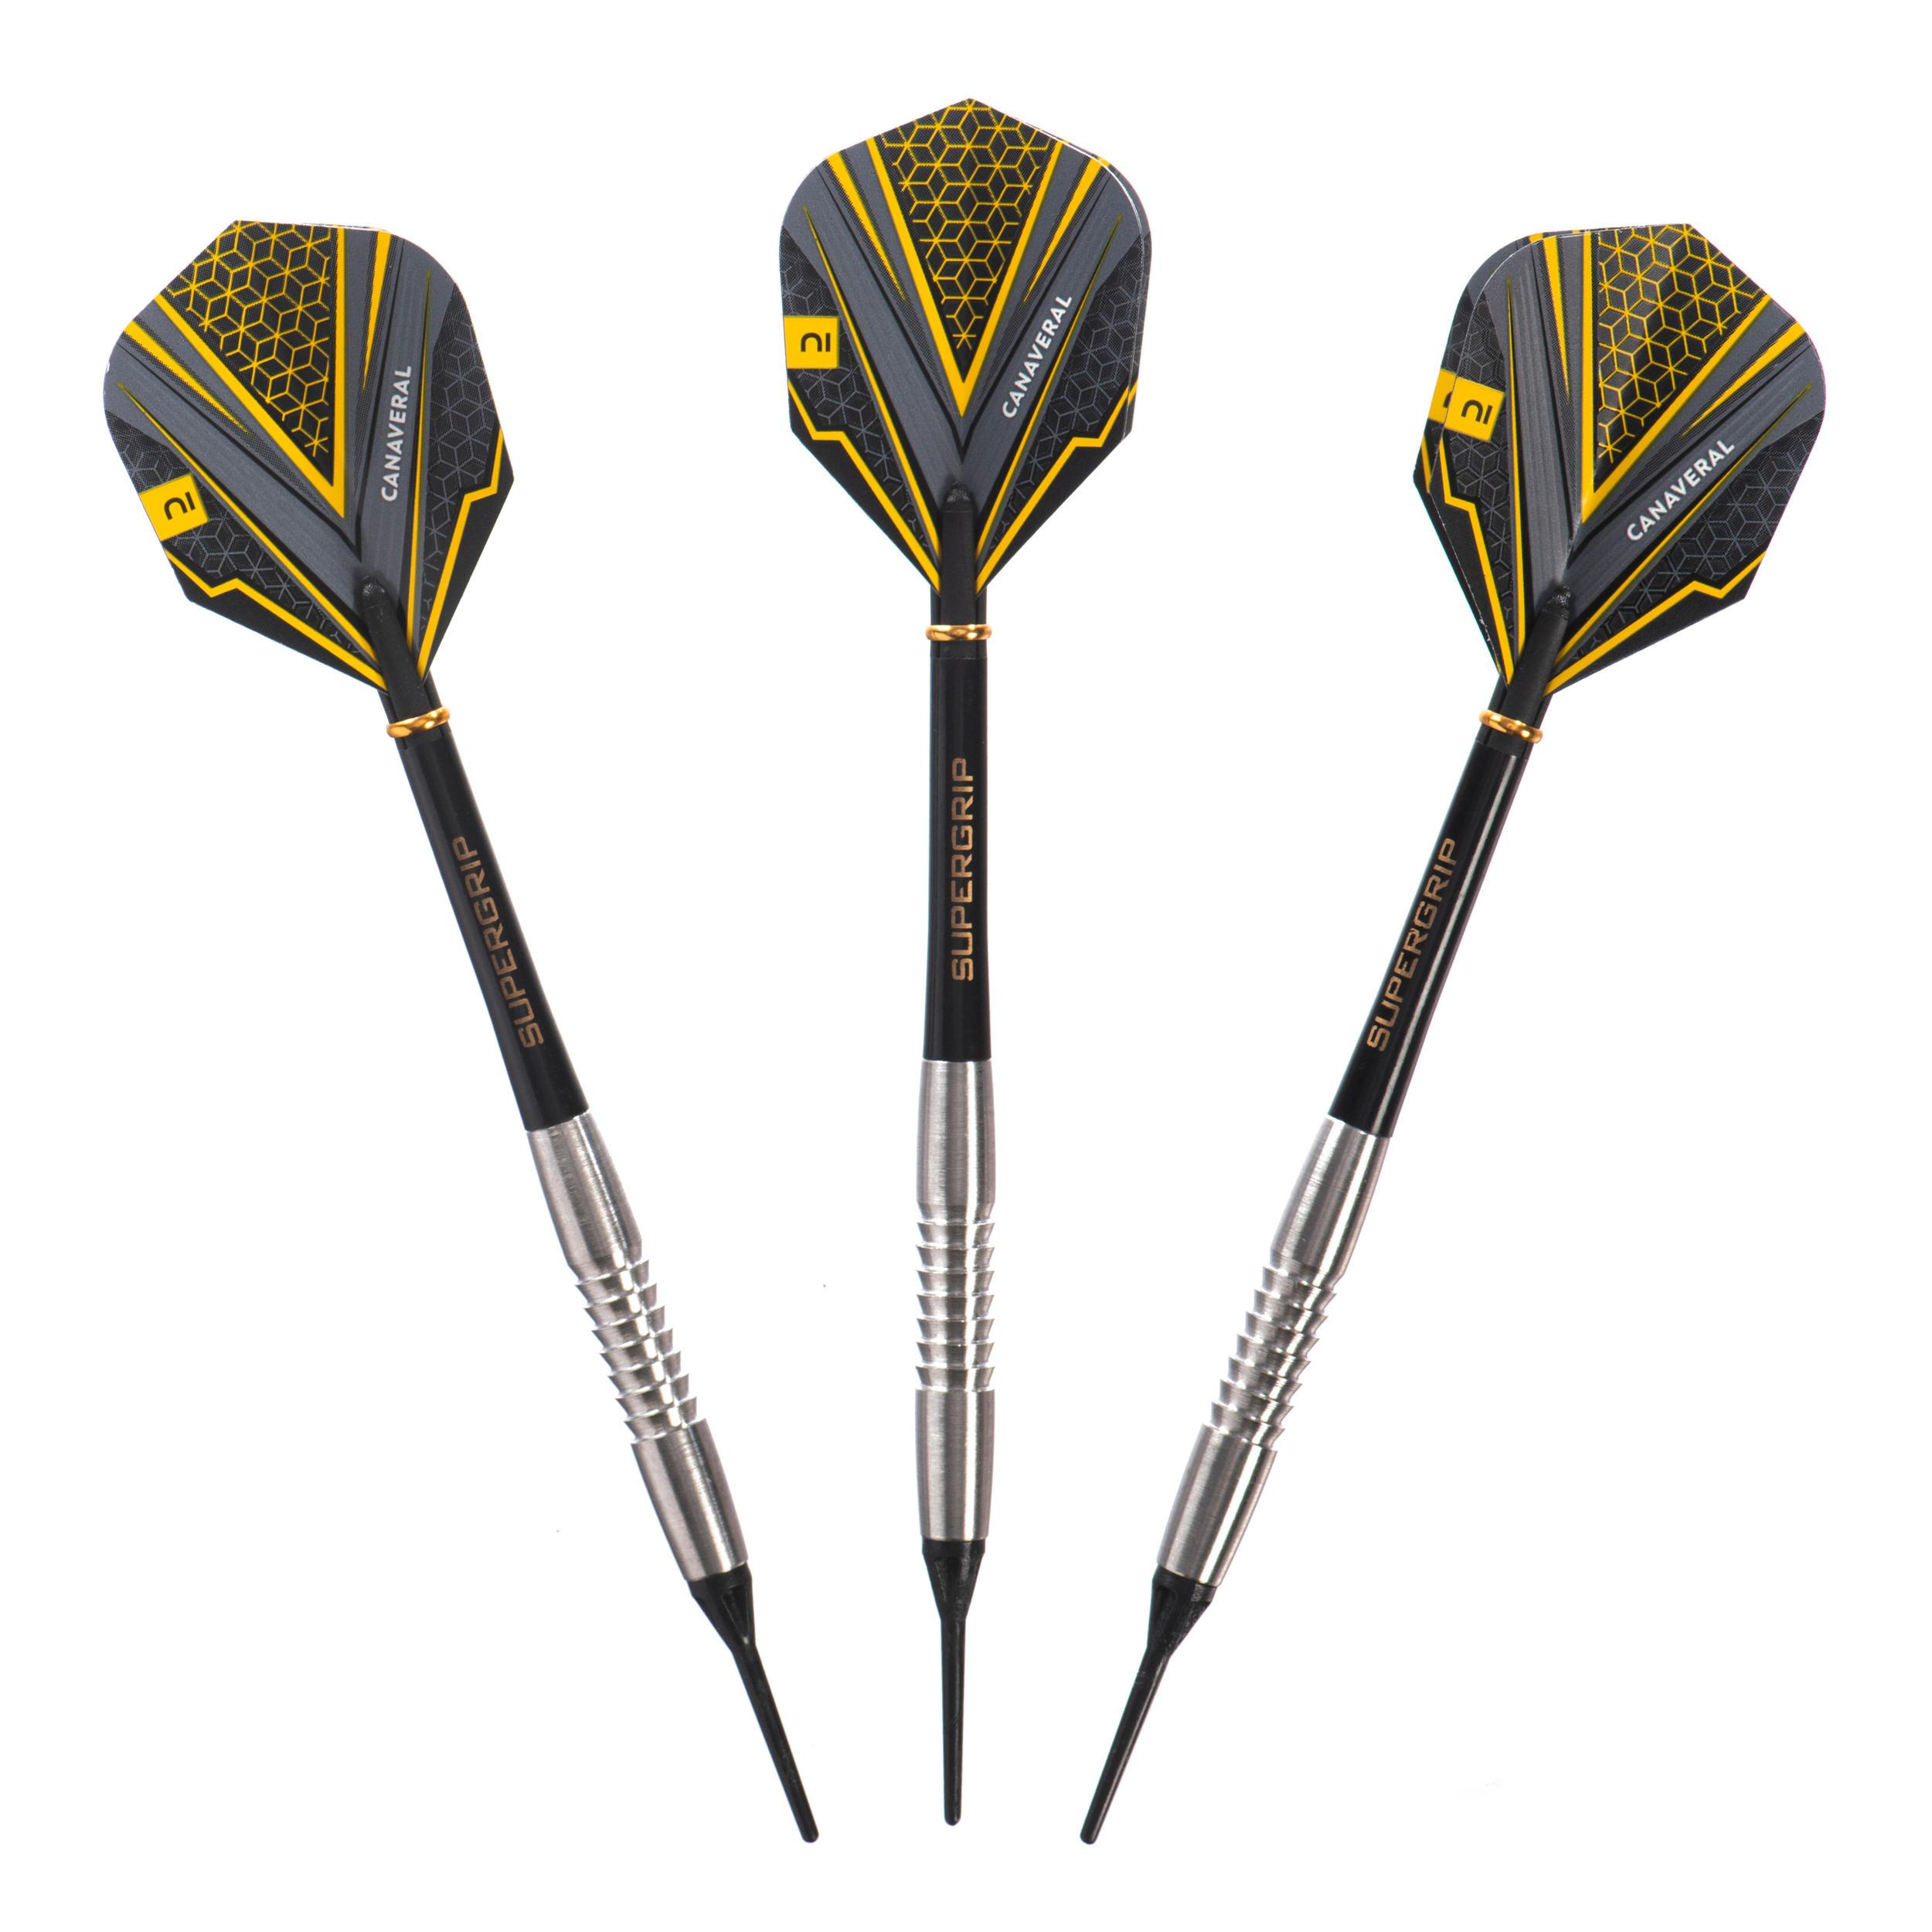 Săgeată S920 darts x3 imagine